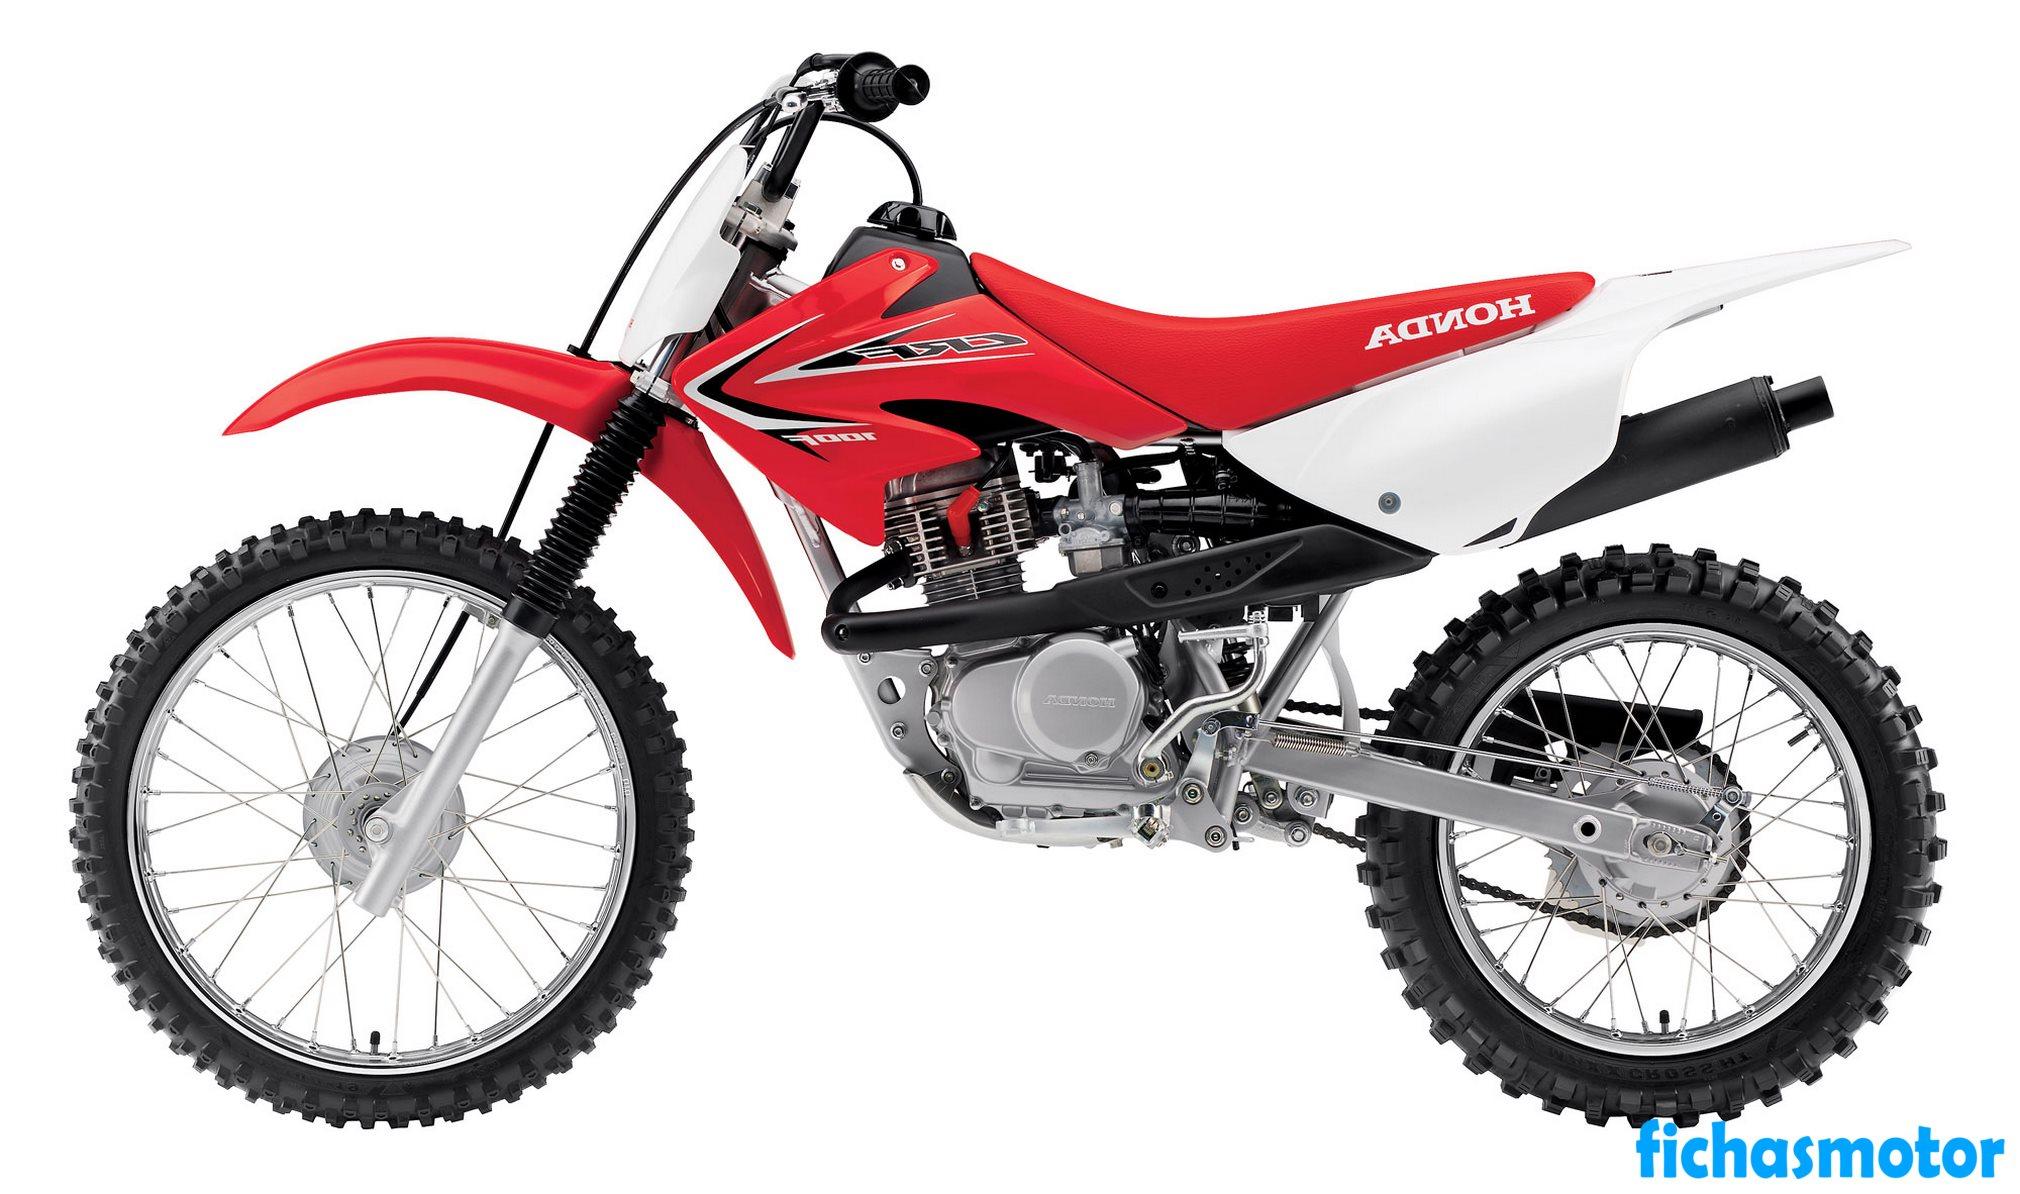 Ficha técnica Honda crf100f 2014